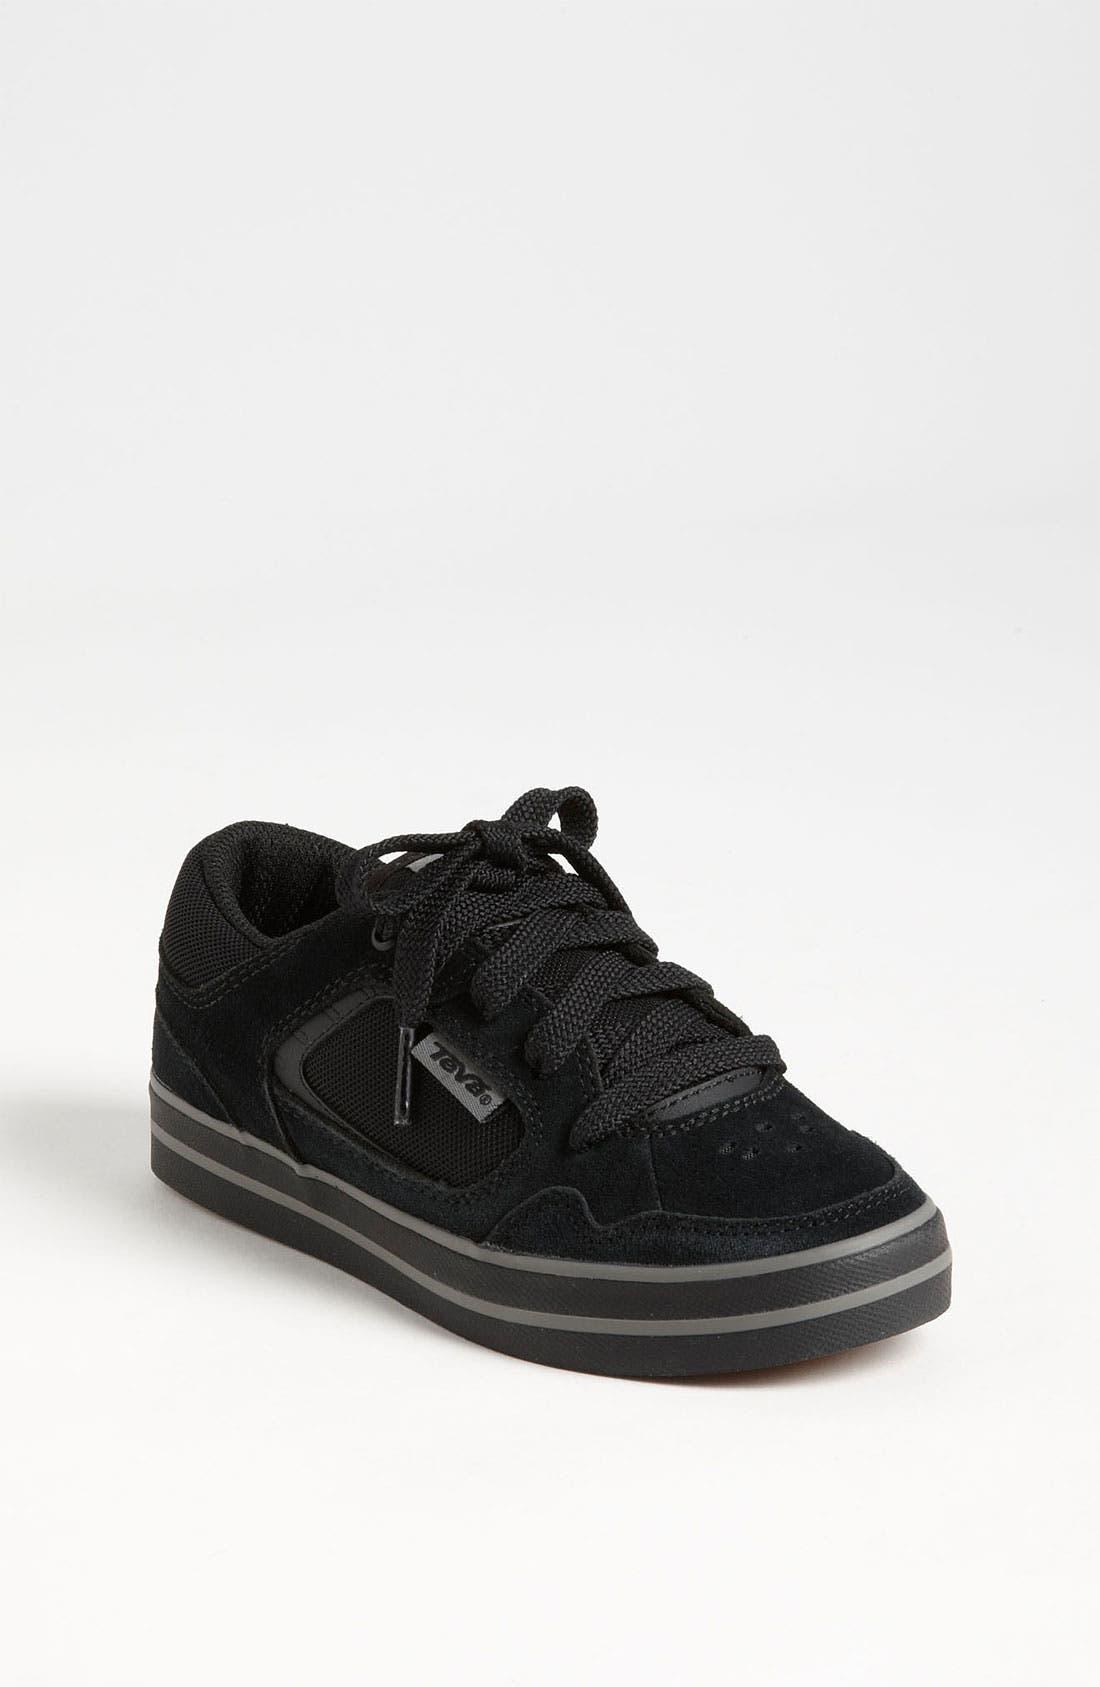 Alternate Image 1 Selected - Teva 'Crank J' Sneaker (Little Kid & Big Kid)